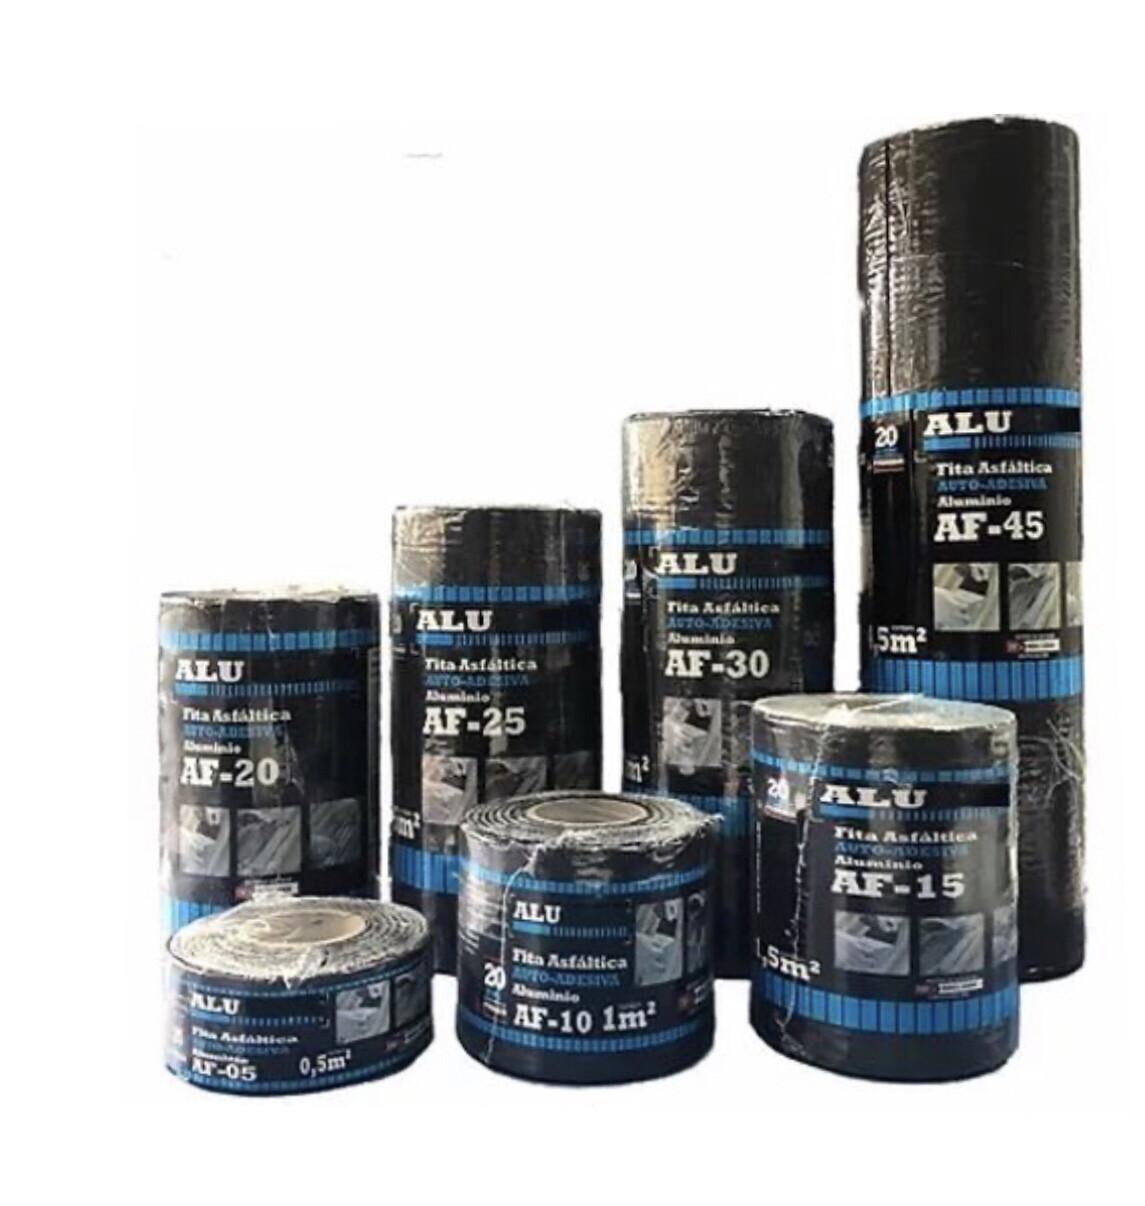 Fita Asfáltica Auto-Adesiva ALU/FLEX Cor Grafite 45cm x 10m x 1mm